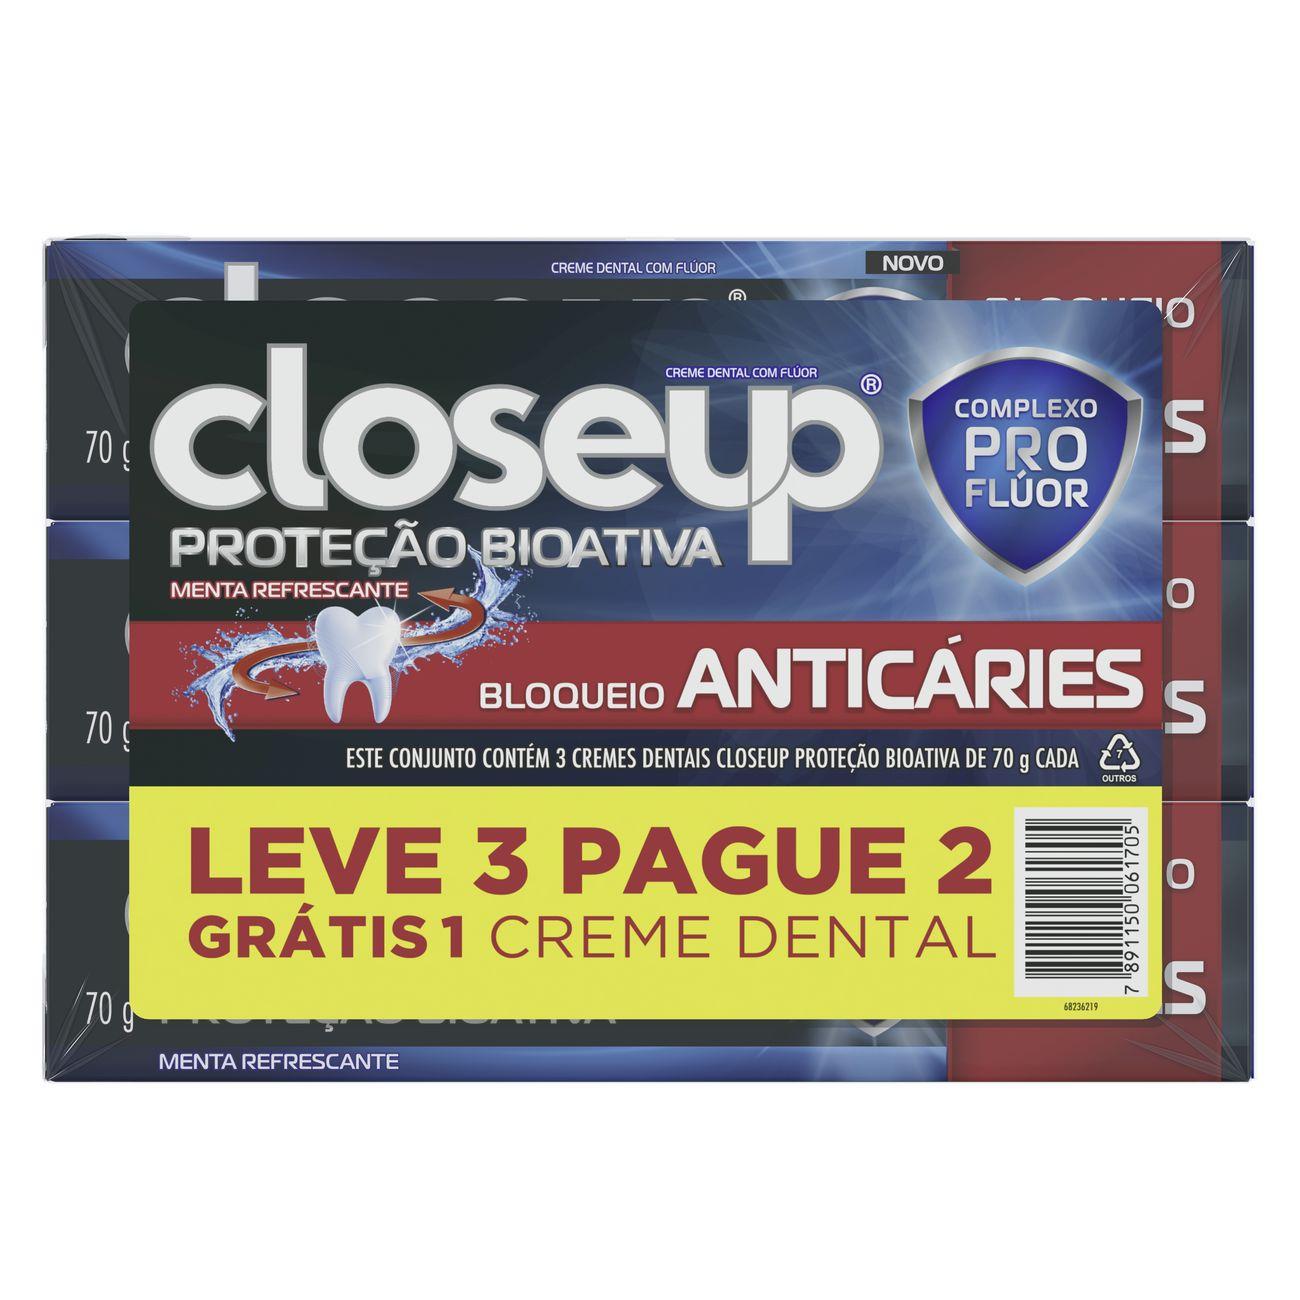 Oferta Creme Dental Close Up Proteção Bioativa Bloqueio Anticáries 70g